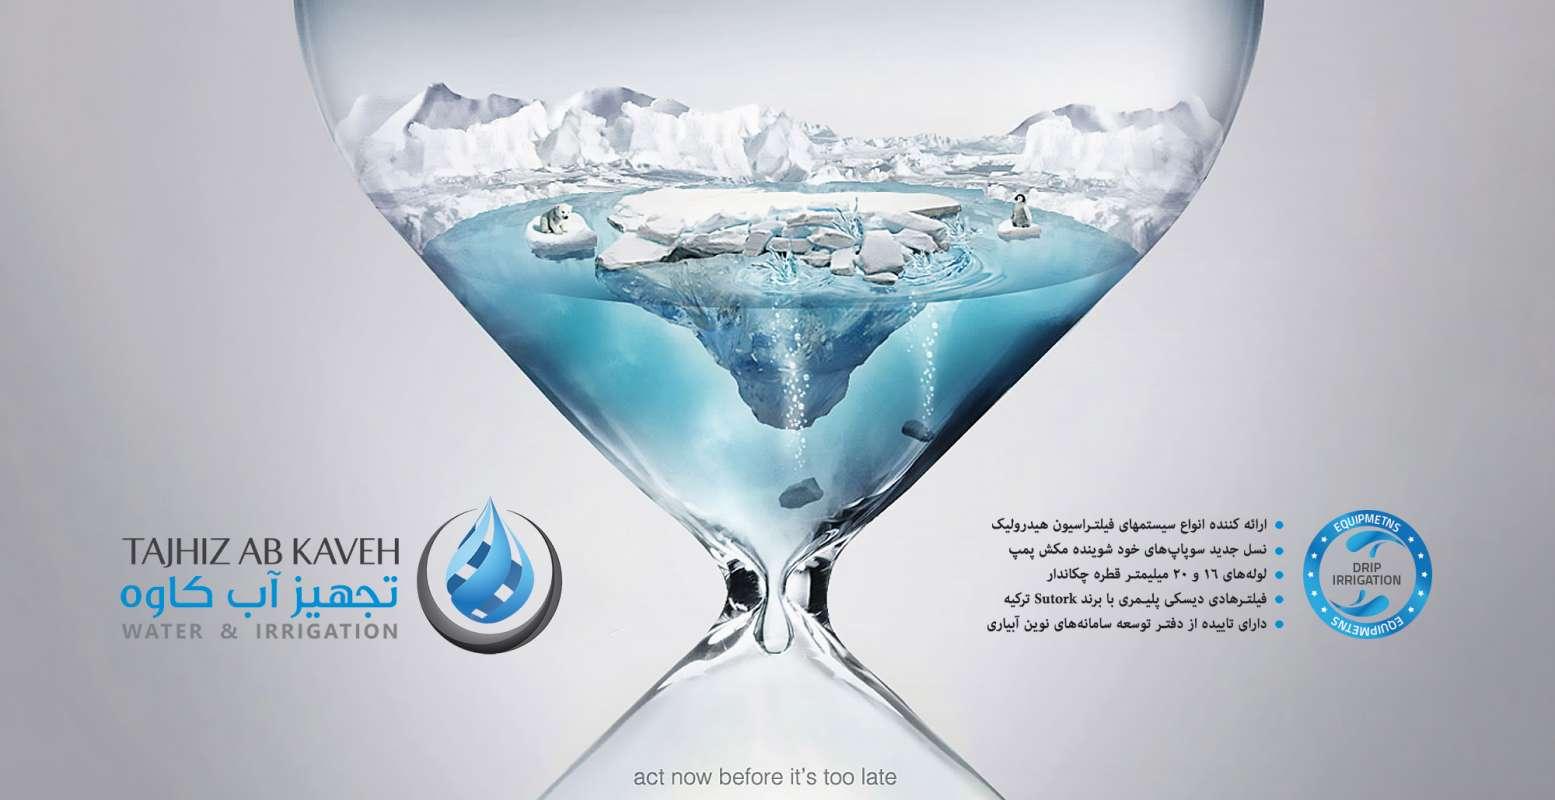 طراحی تبلیغاتی | تبلیغات محیطی | طراحی بیلبورد